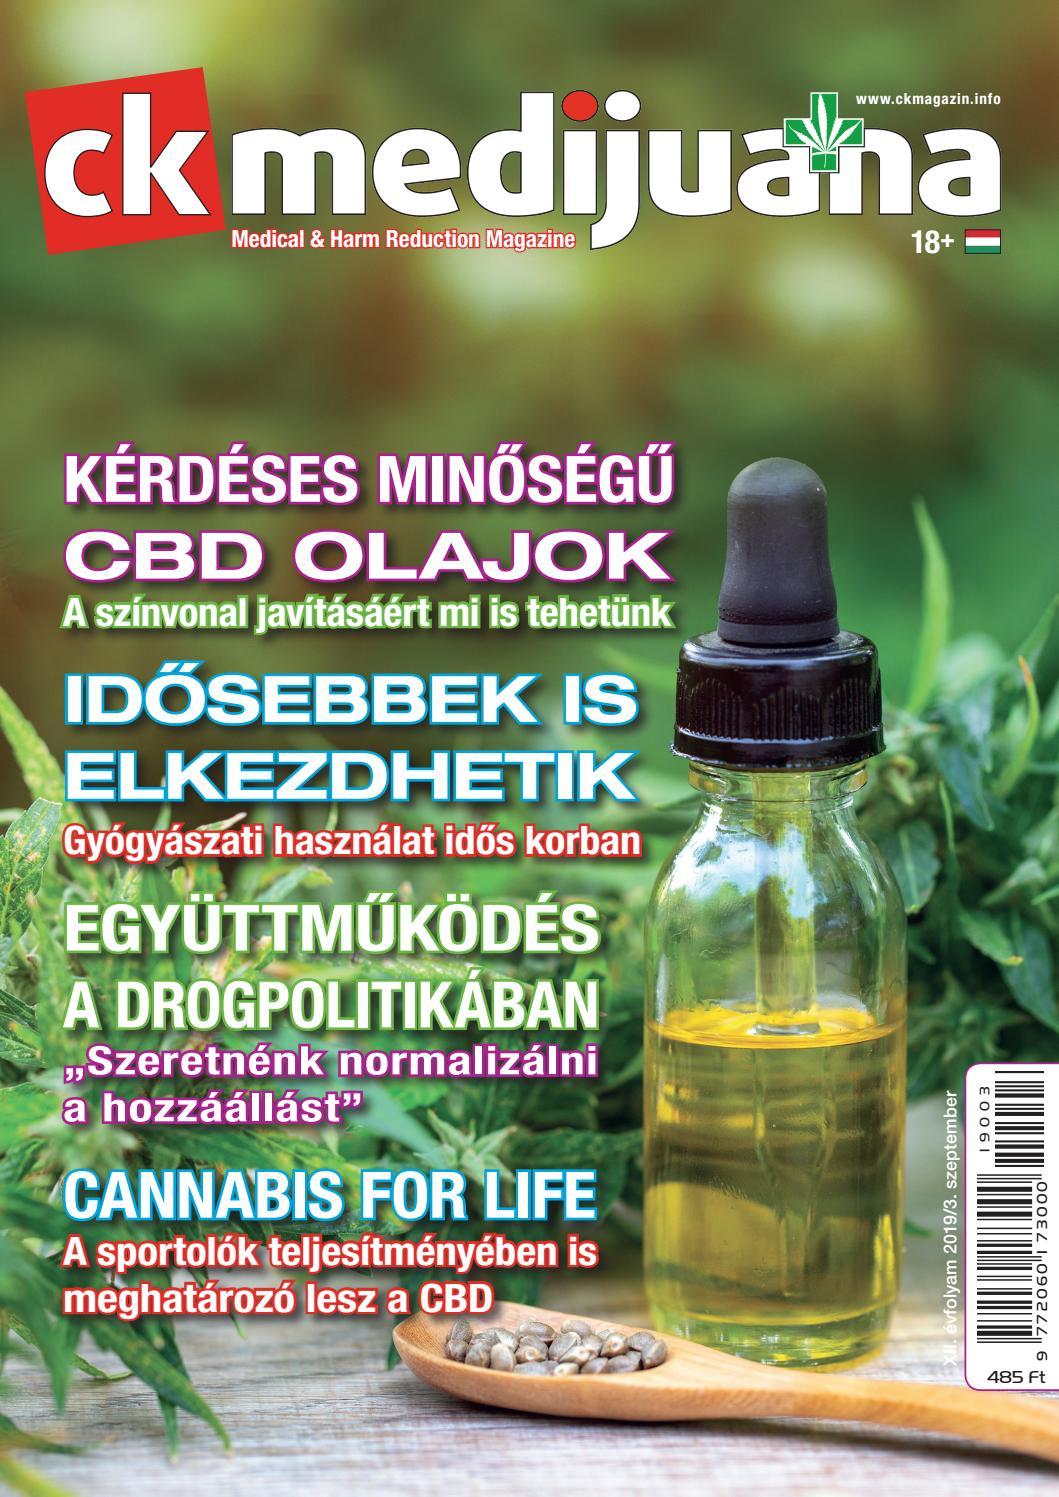 Kannabisz – Wikipédia